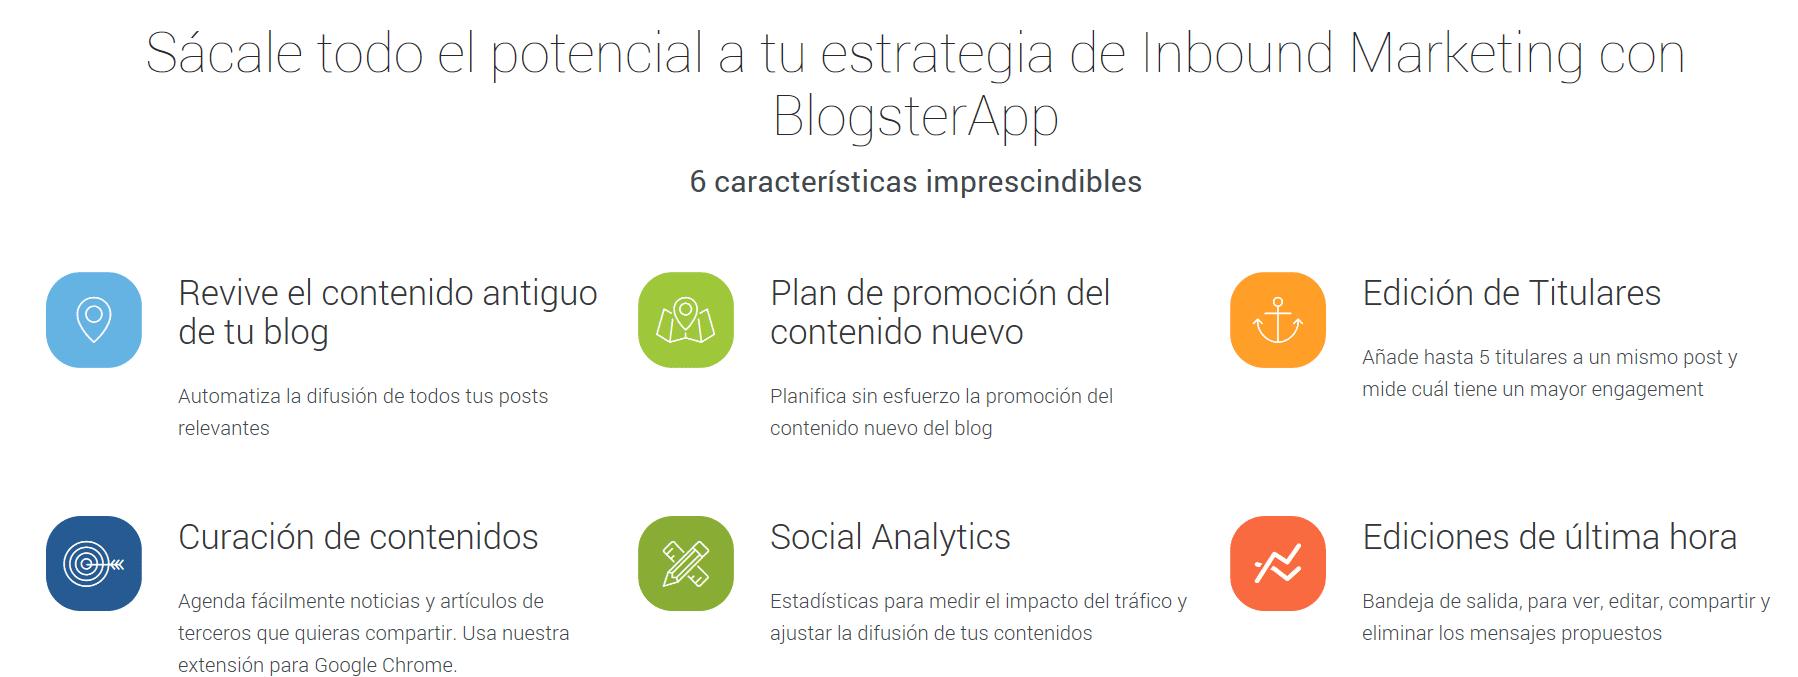 promocionar-blog-redes-sociales